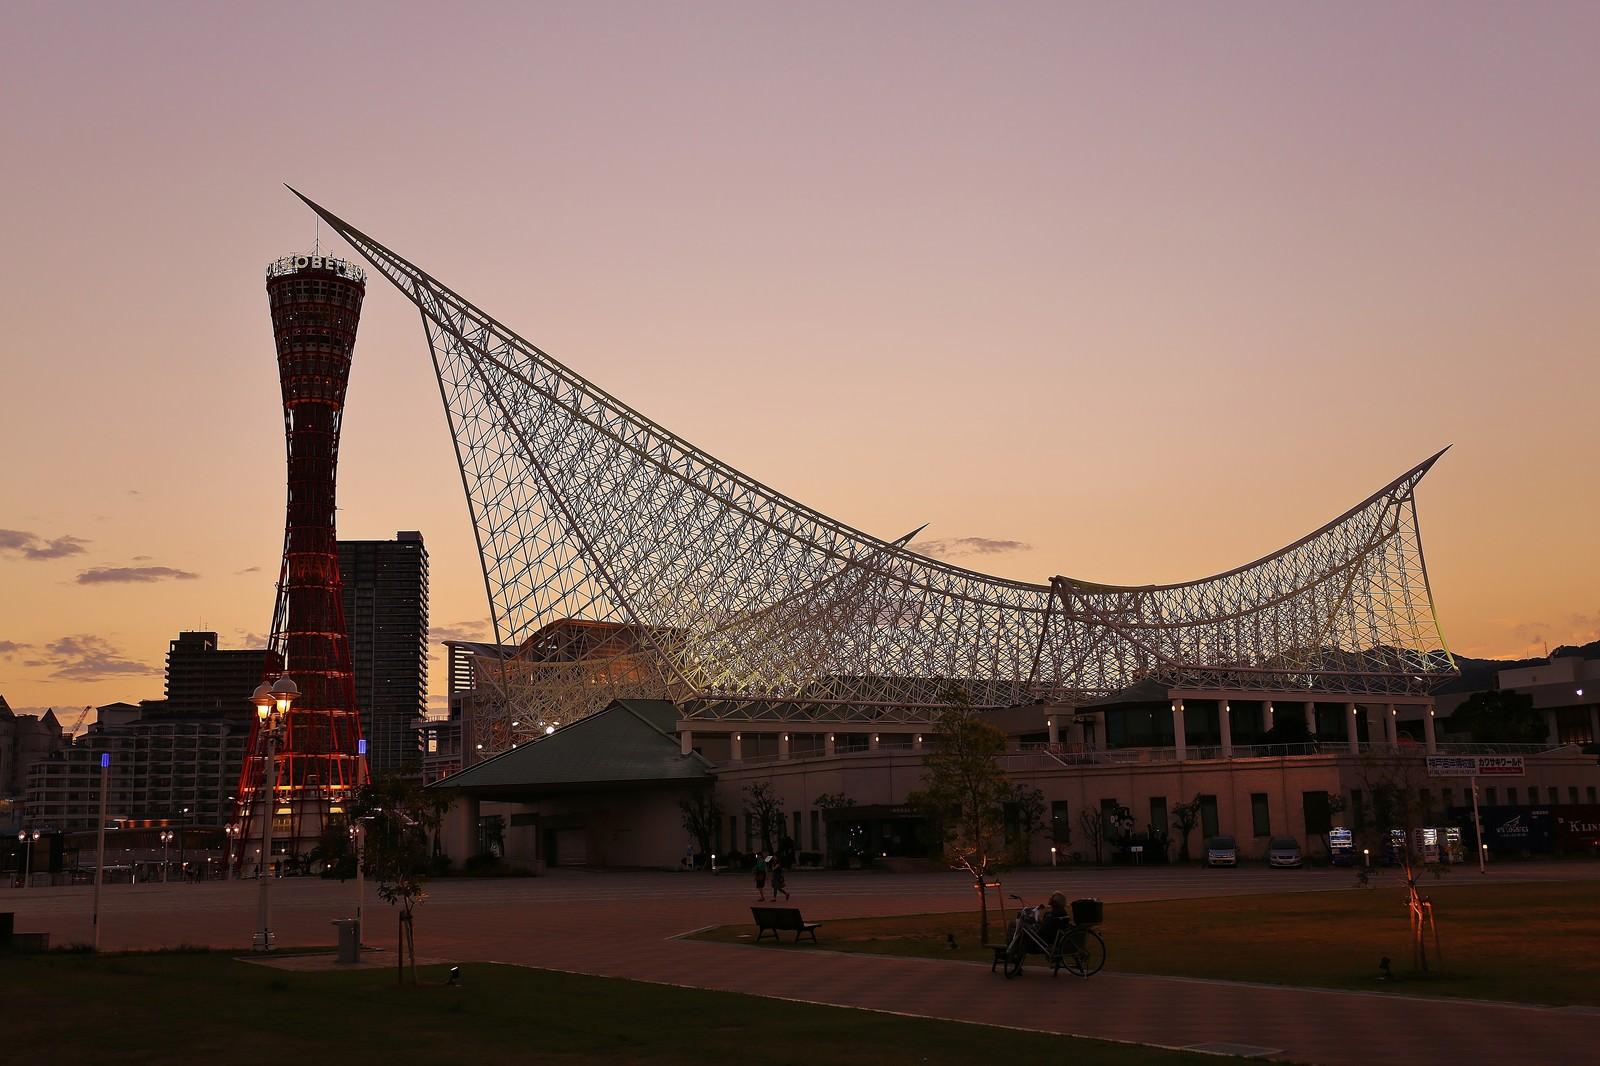 「夕焼けに染まる神戸ポートタワーと神戸海洋博物館 | 写真の無料素材・フリー素材 - ぱくたそ」の写真